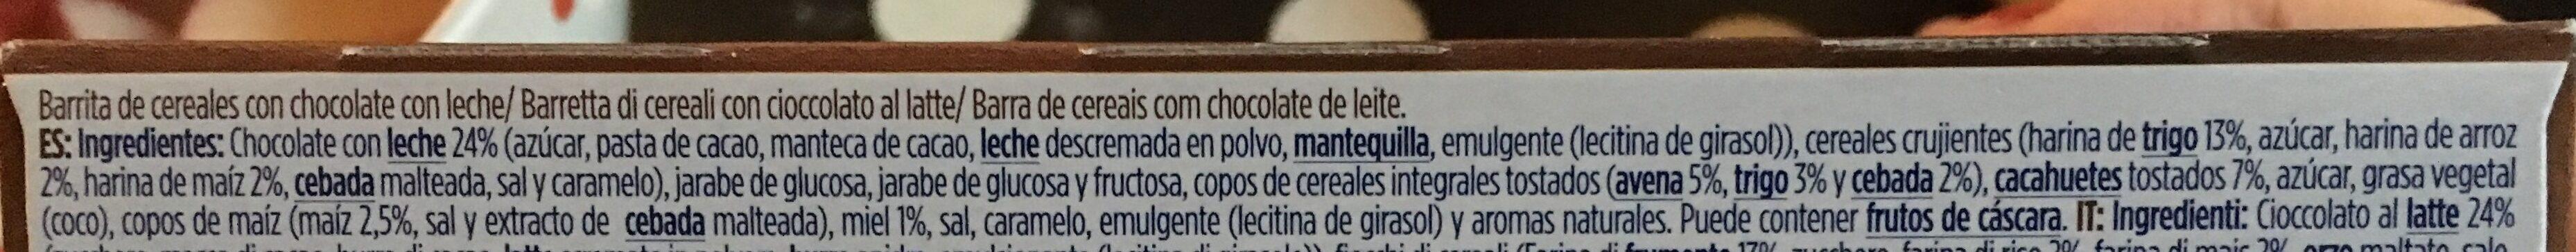 Muesly barritas de cereales con chocolate con leche - Ingredientes - es